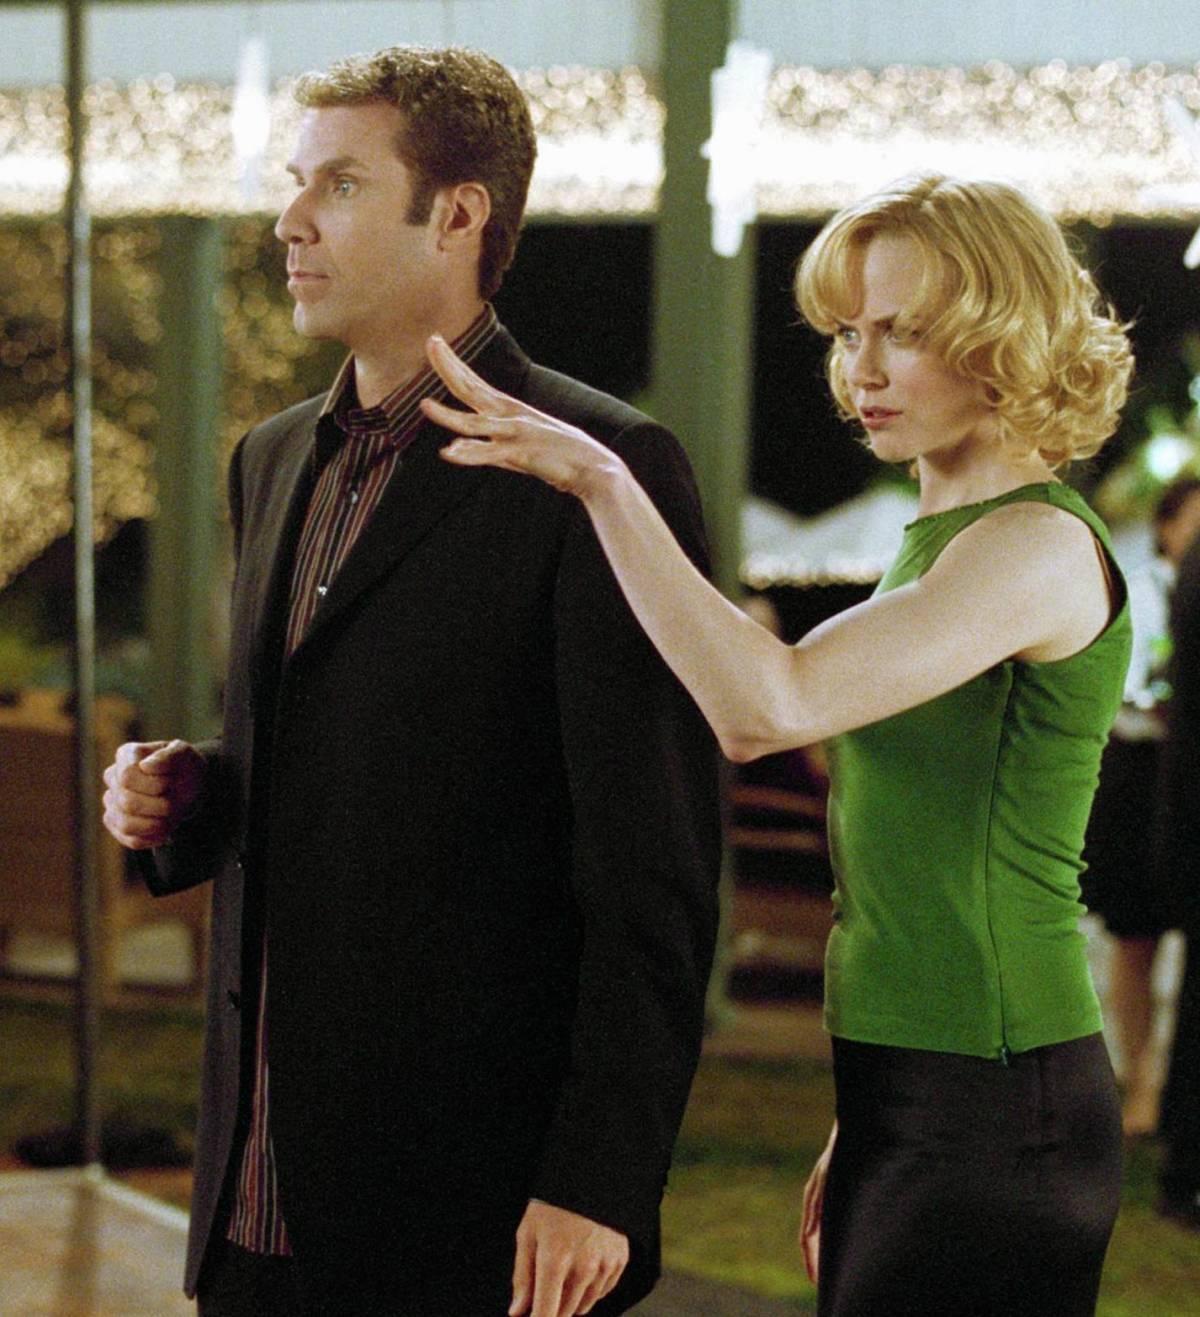 La brava Nicole Kidman fattucchiera sprecata